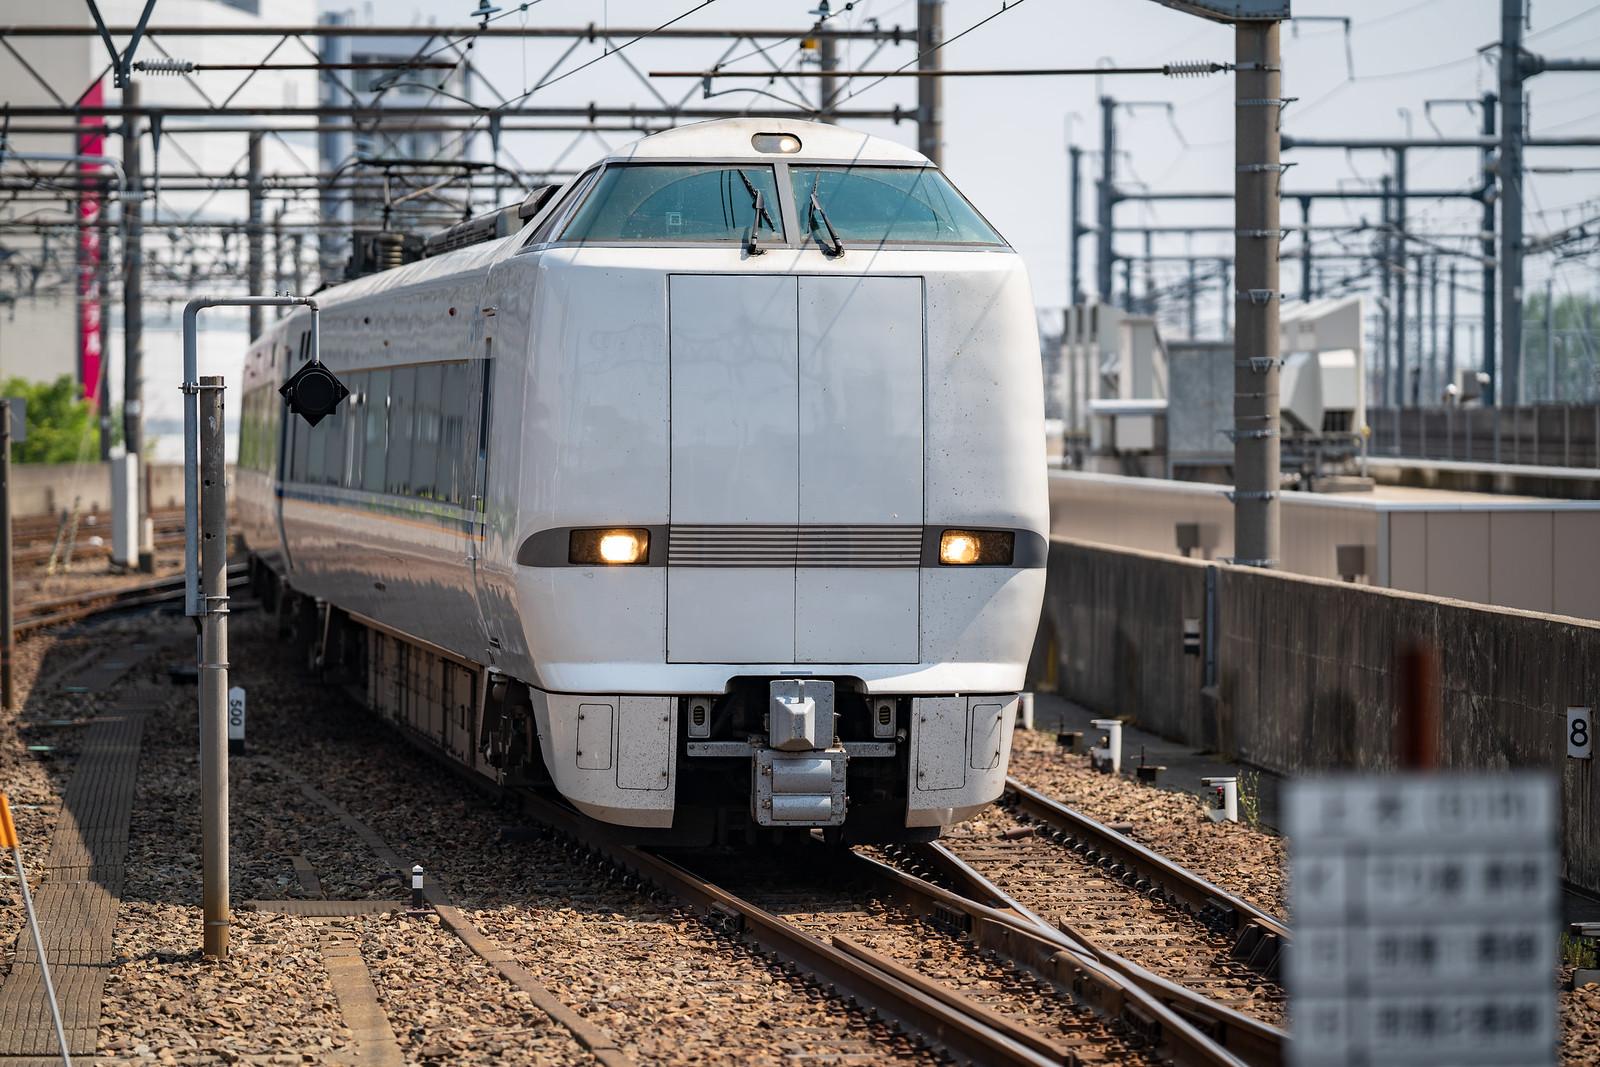 A7R00895